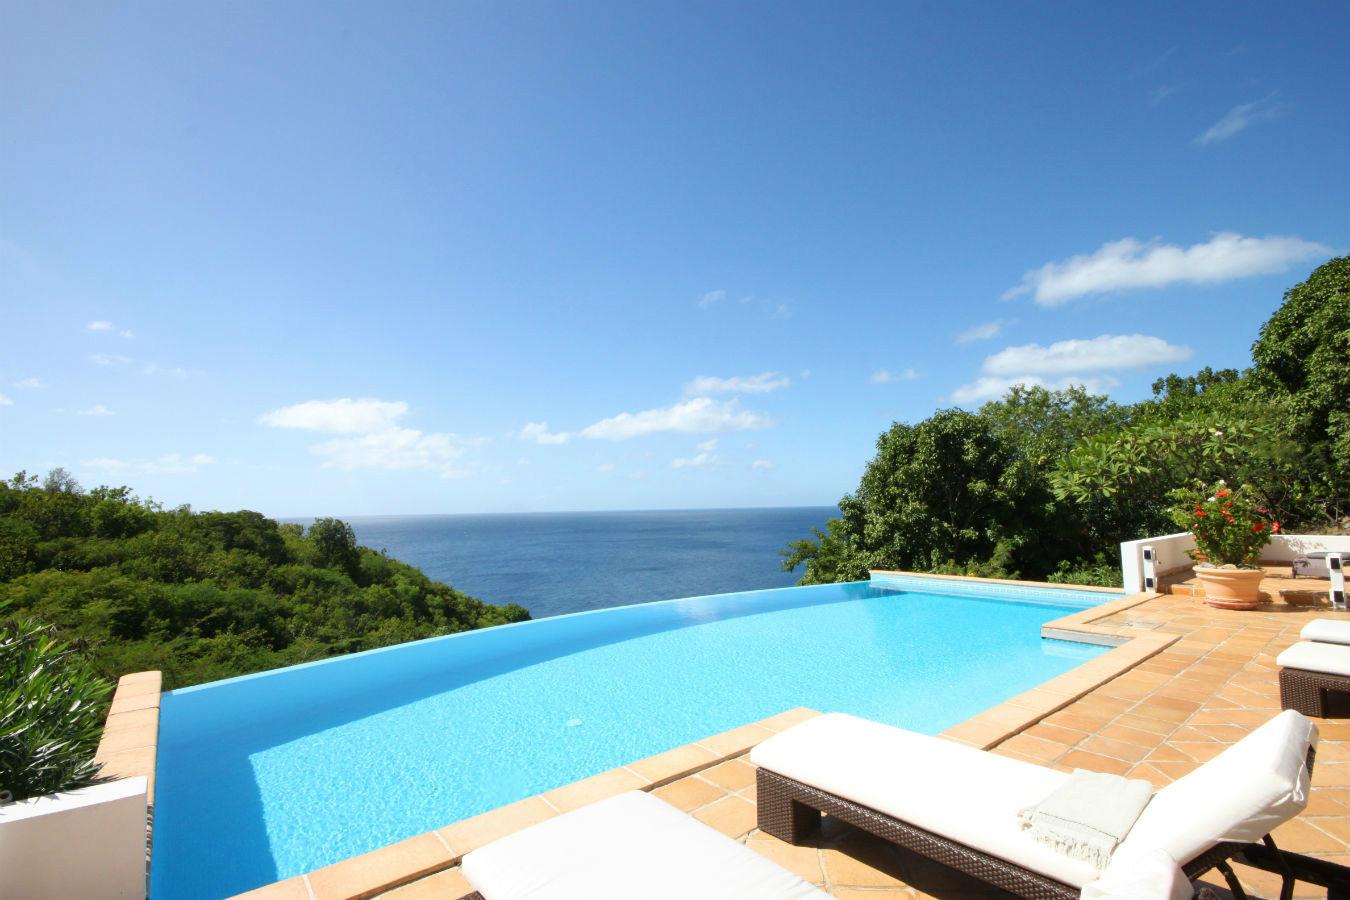 Location saint barthelemy villa de charme vue mer avec - Location de piscine privee ...